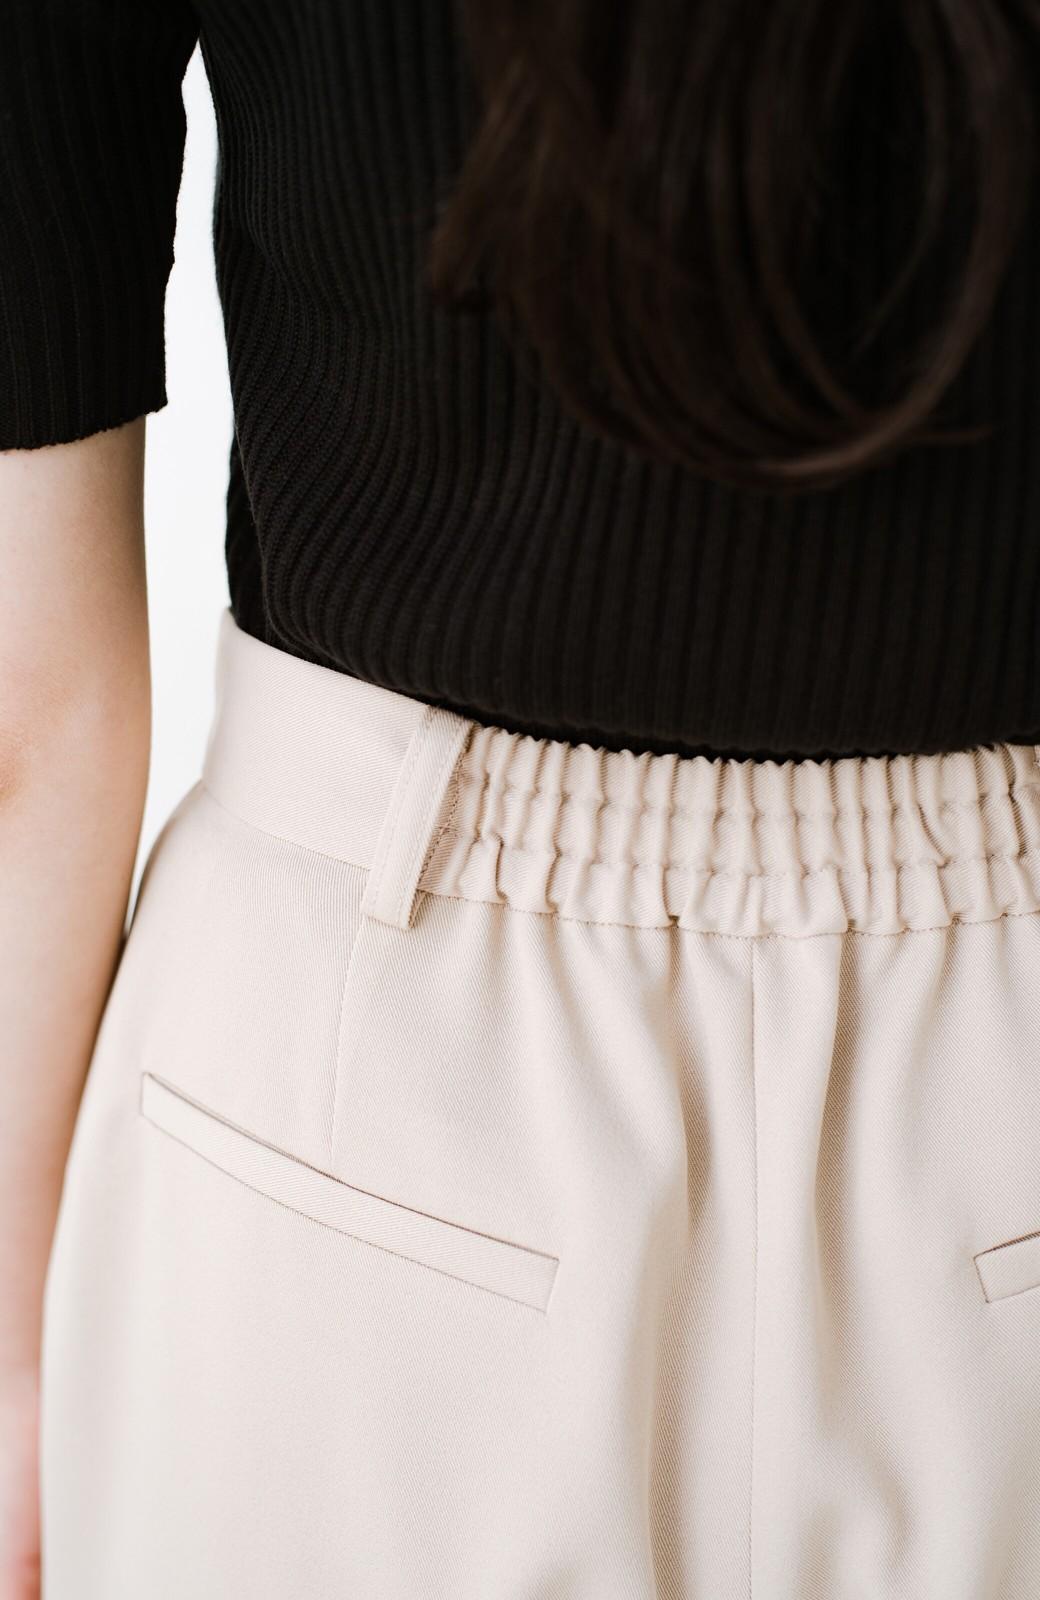 haco! いざというとき困らないための 大人のフォーマルジャケット・パンツ・スカート3点セット by que made me <ベージュ>の商品写真33